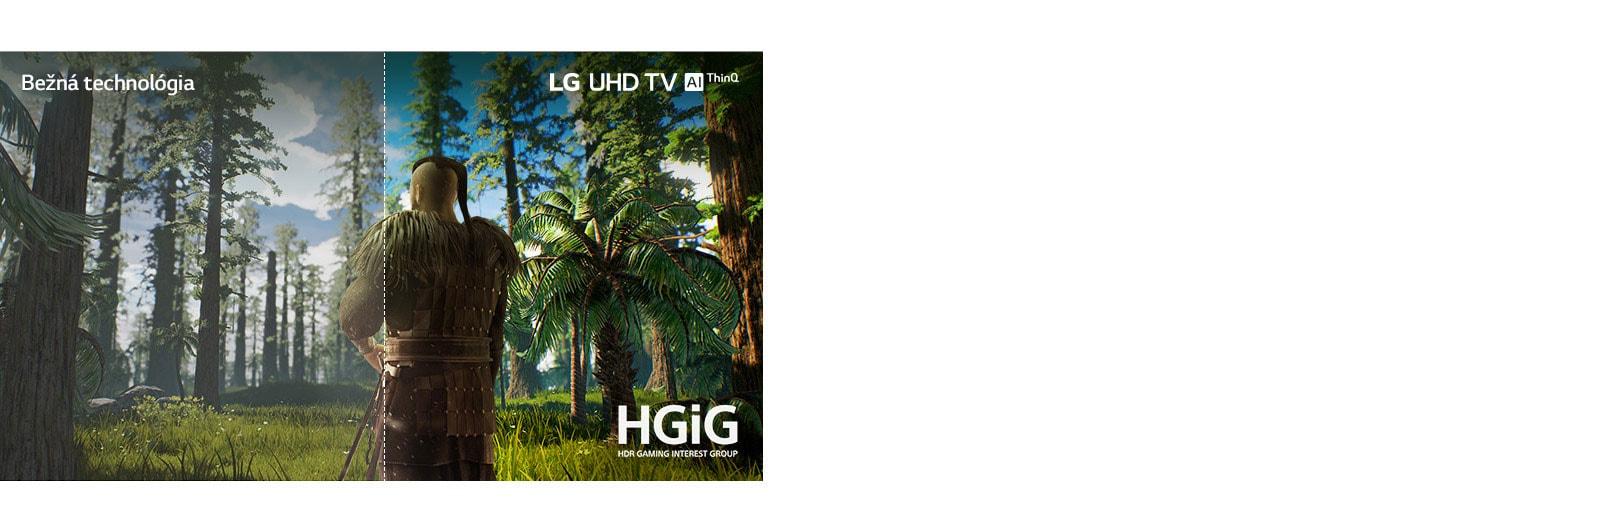 Obrazovka televízora, na ktorej je muž stojaci uprostred lesa. Polovica obrazu je zobrazená na bežnej obrazovke so slabšou kvalitou obrazu. Druhá polovica je zobrazená na obrazovke televízora LG UHD TV v ostrých a sýtych farbách.